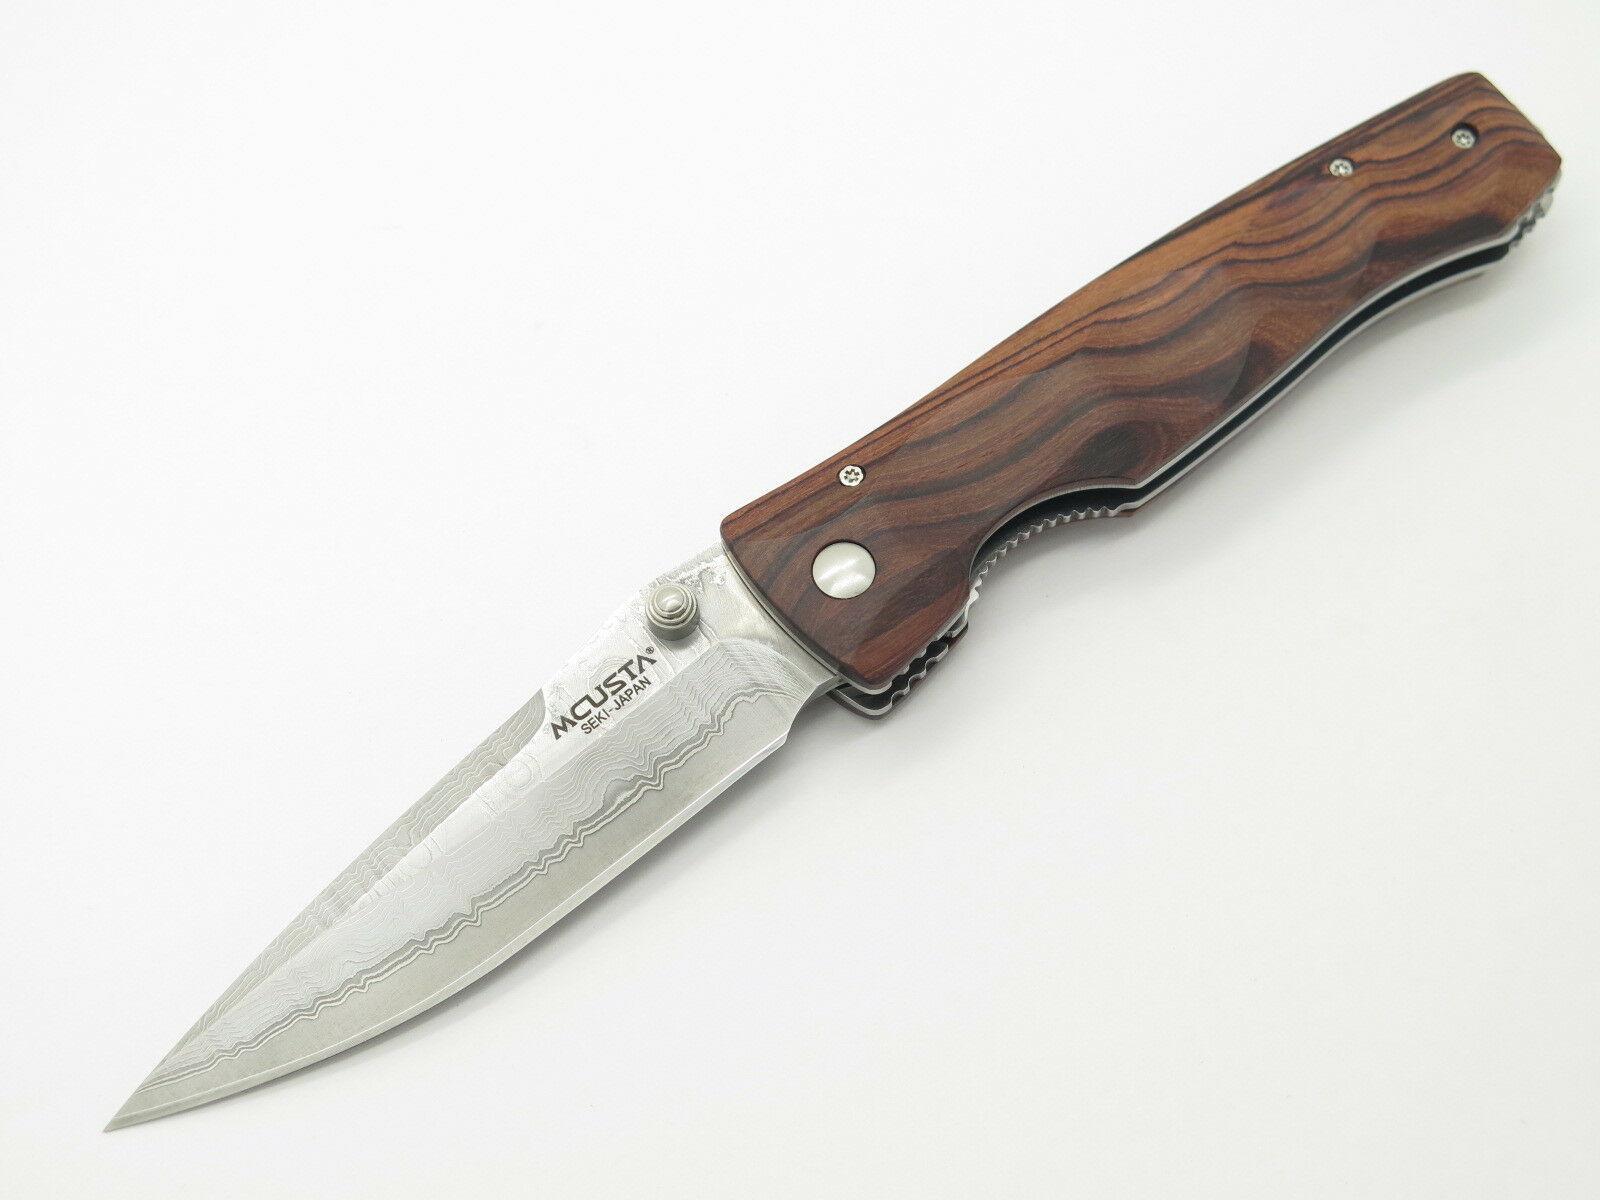 Фото 10 - Складной нож Mcusta Tactility MC-122DR, сталь VG-10 в обкладах из дамаска, рукоять дерево палисандр